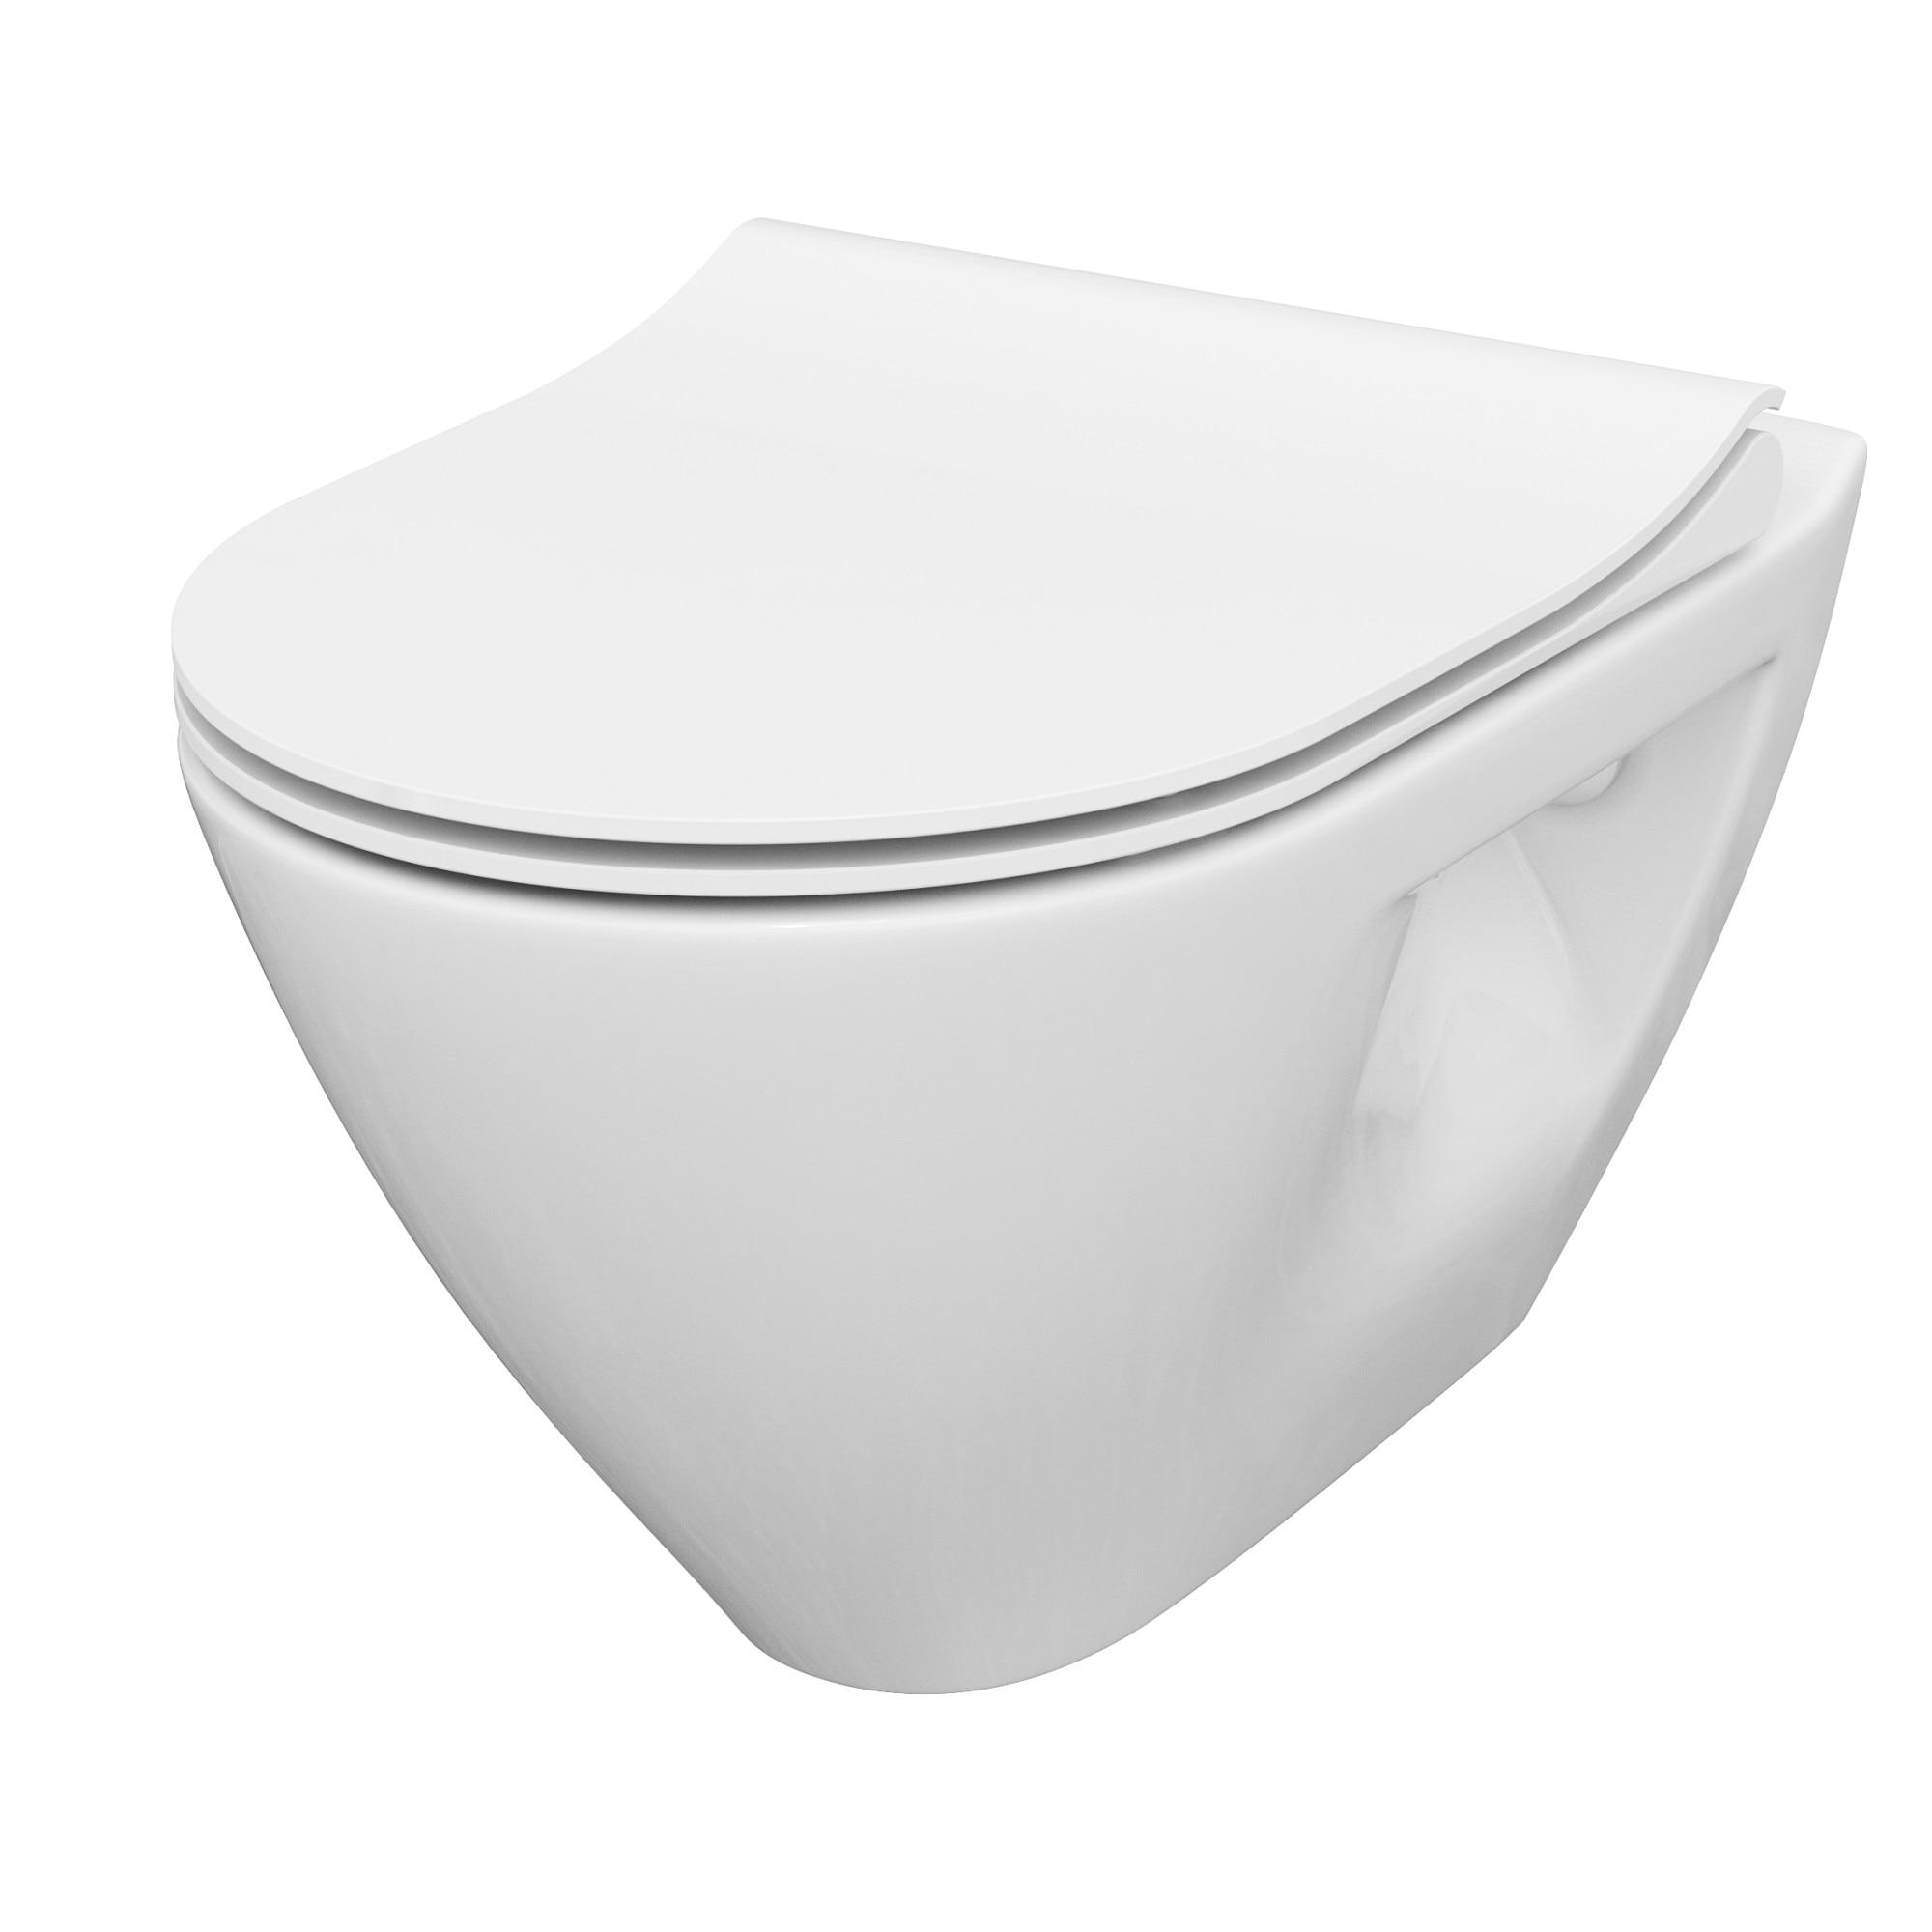 Fotografie Set WC suspendat Cersanit Mille Plus, CleanOn, capac duroplast slim, inchidere lenta, 36x50x36.5 cm, Alb